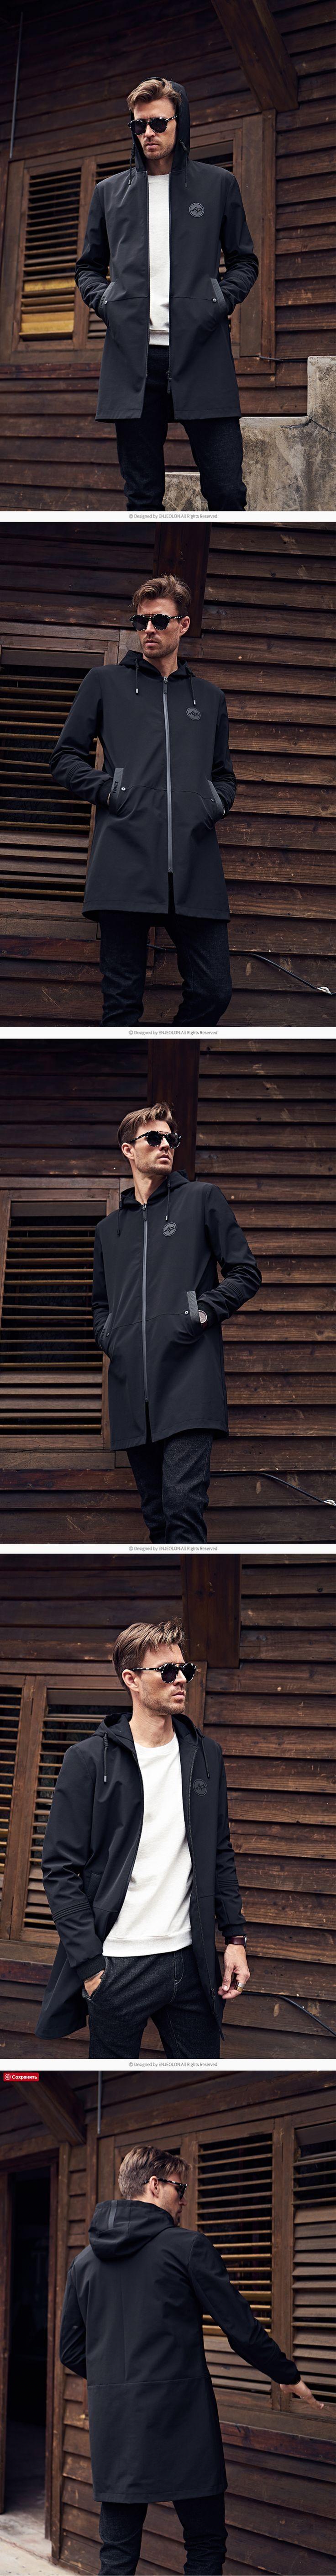 Enjeolon marque nouvelle hoodies longue tranchée manteau hommes vêtements Qualité mâle noir tranchée manteau coupe-vent veste plus la taille